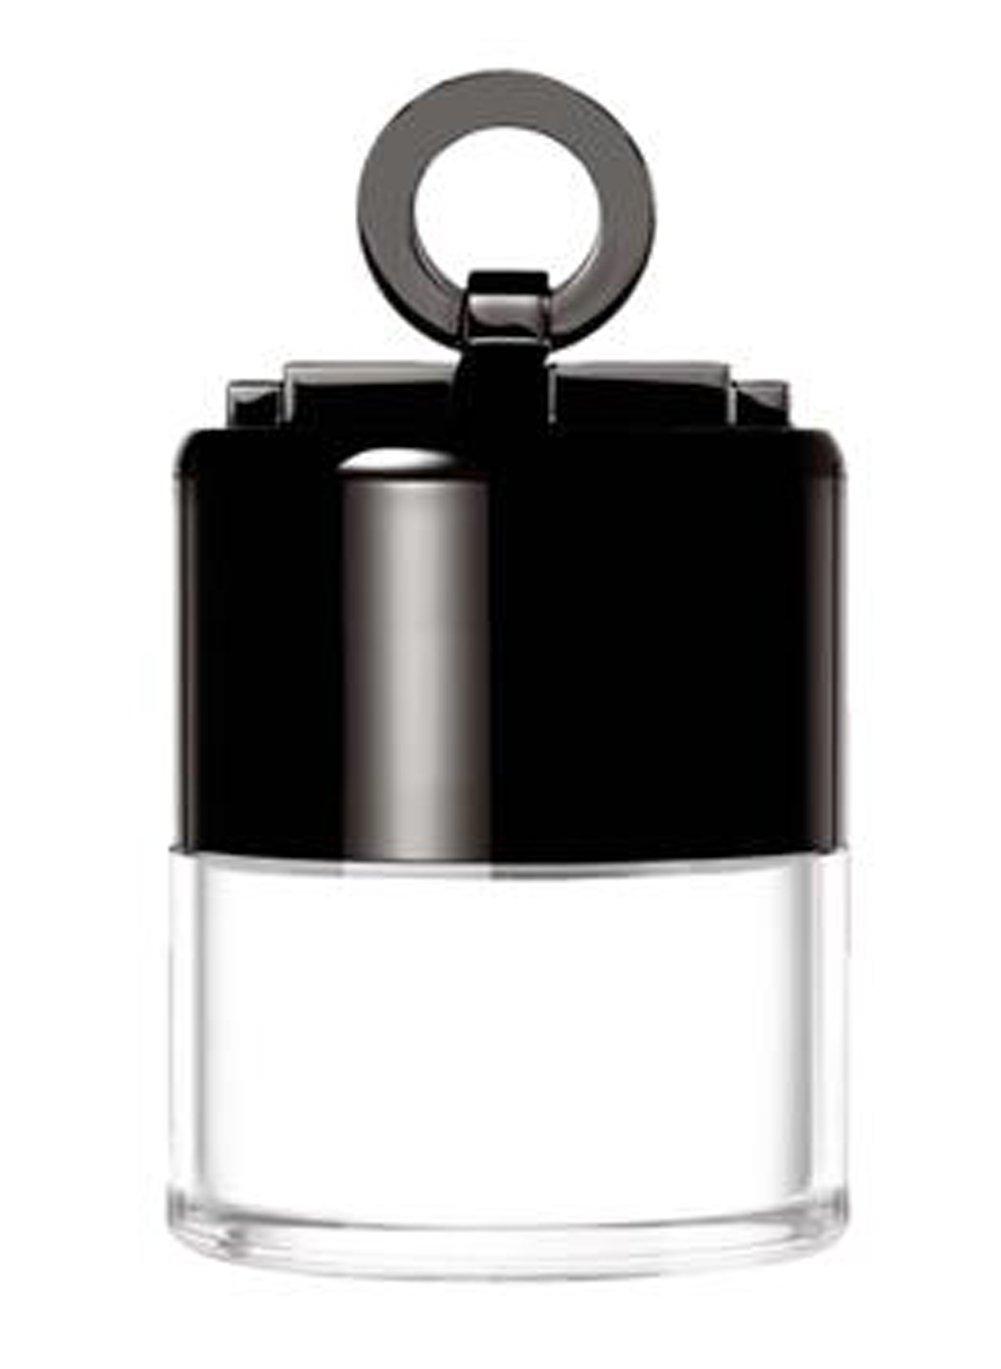 2PCS 15g vuoto Portable Puff contenitore fard dressing di polvere scatola con spugna cipria in polvere e specchio per fondotinta compatto crema Elandy